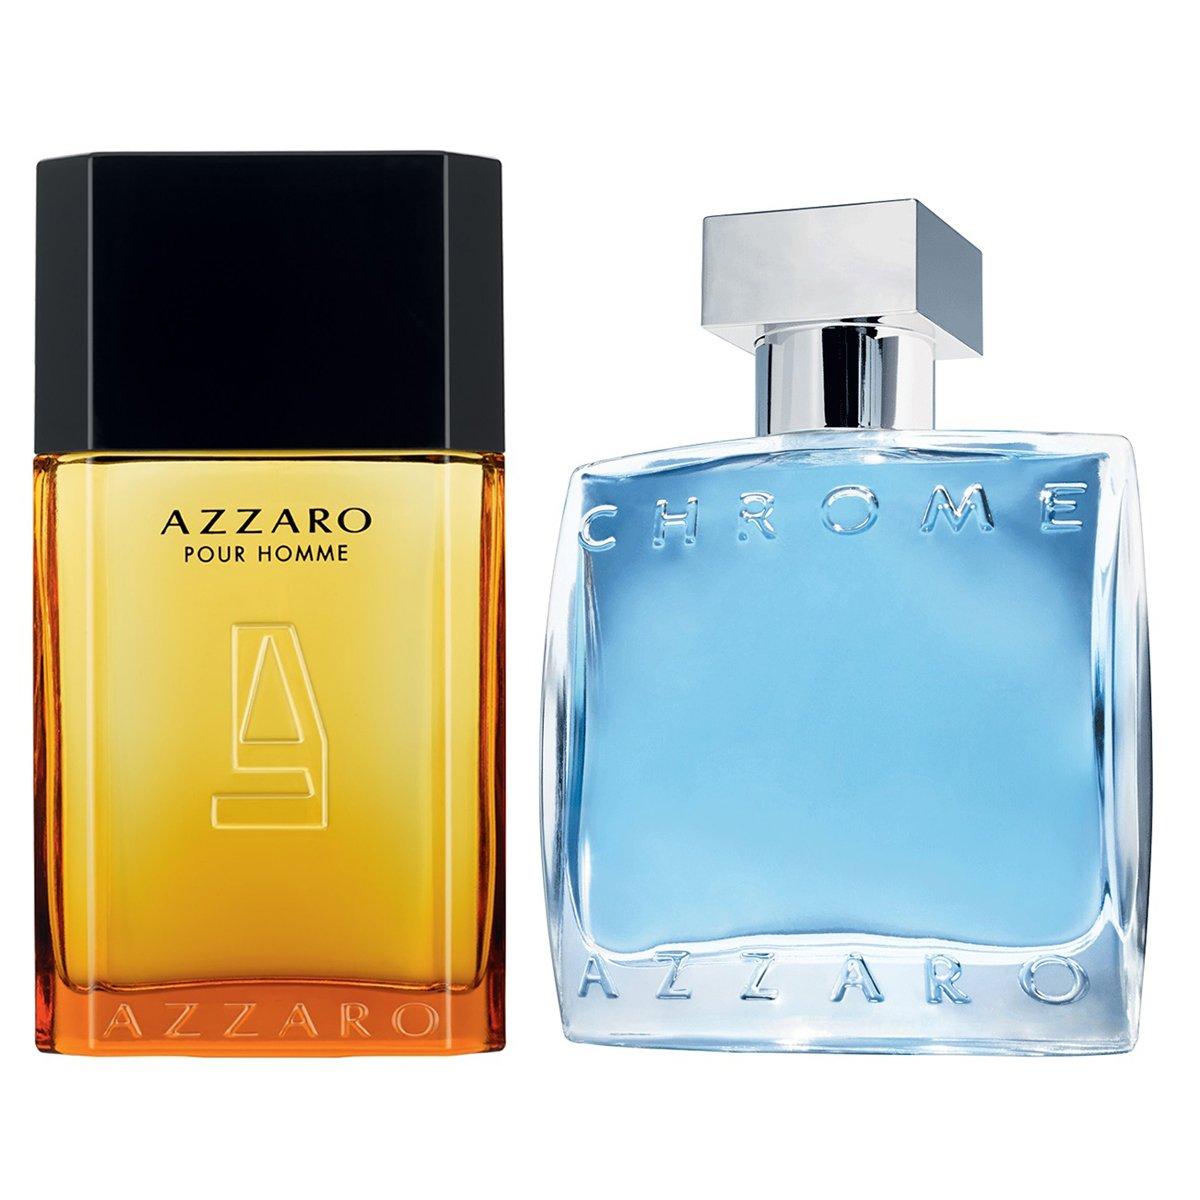 47e87500c9 Kit Azzaro Perfume Masculino Azzaro Pour Homme EDT 30ml + Perfume Masculino  Chrome EDT 30ml - Compre Agora